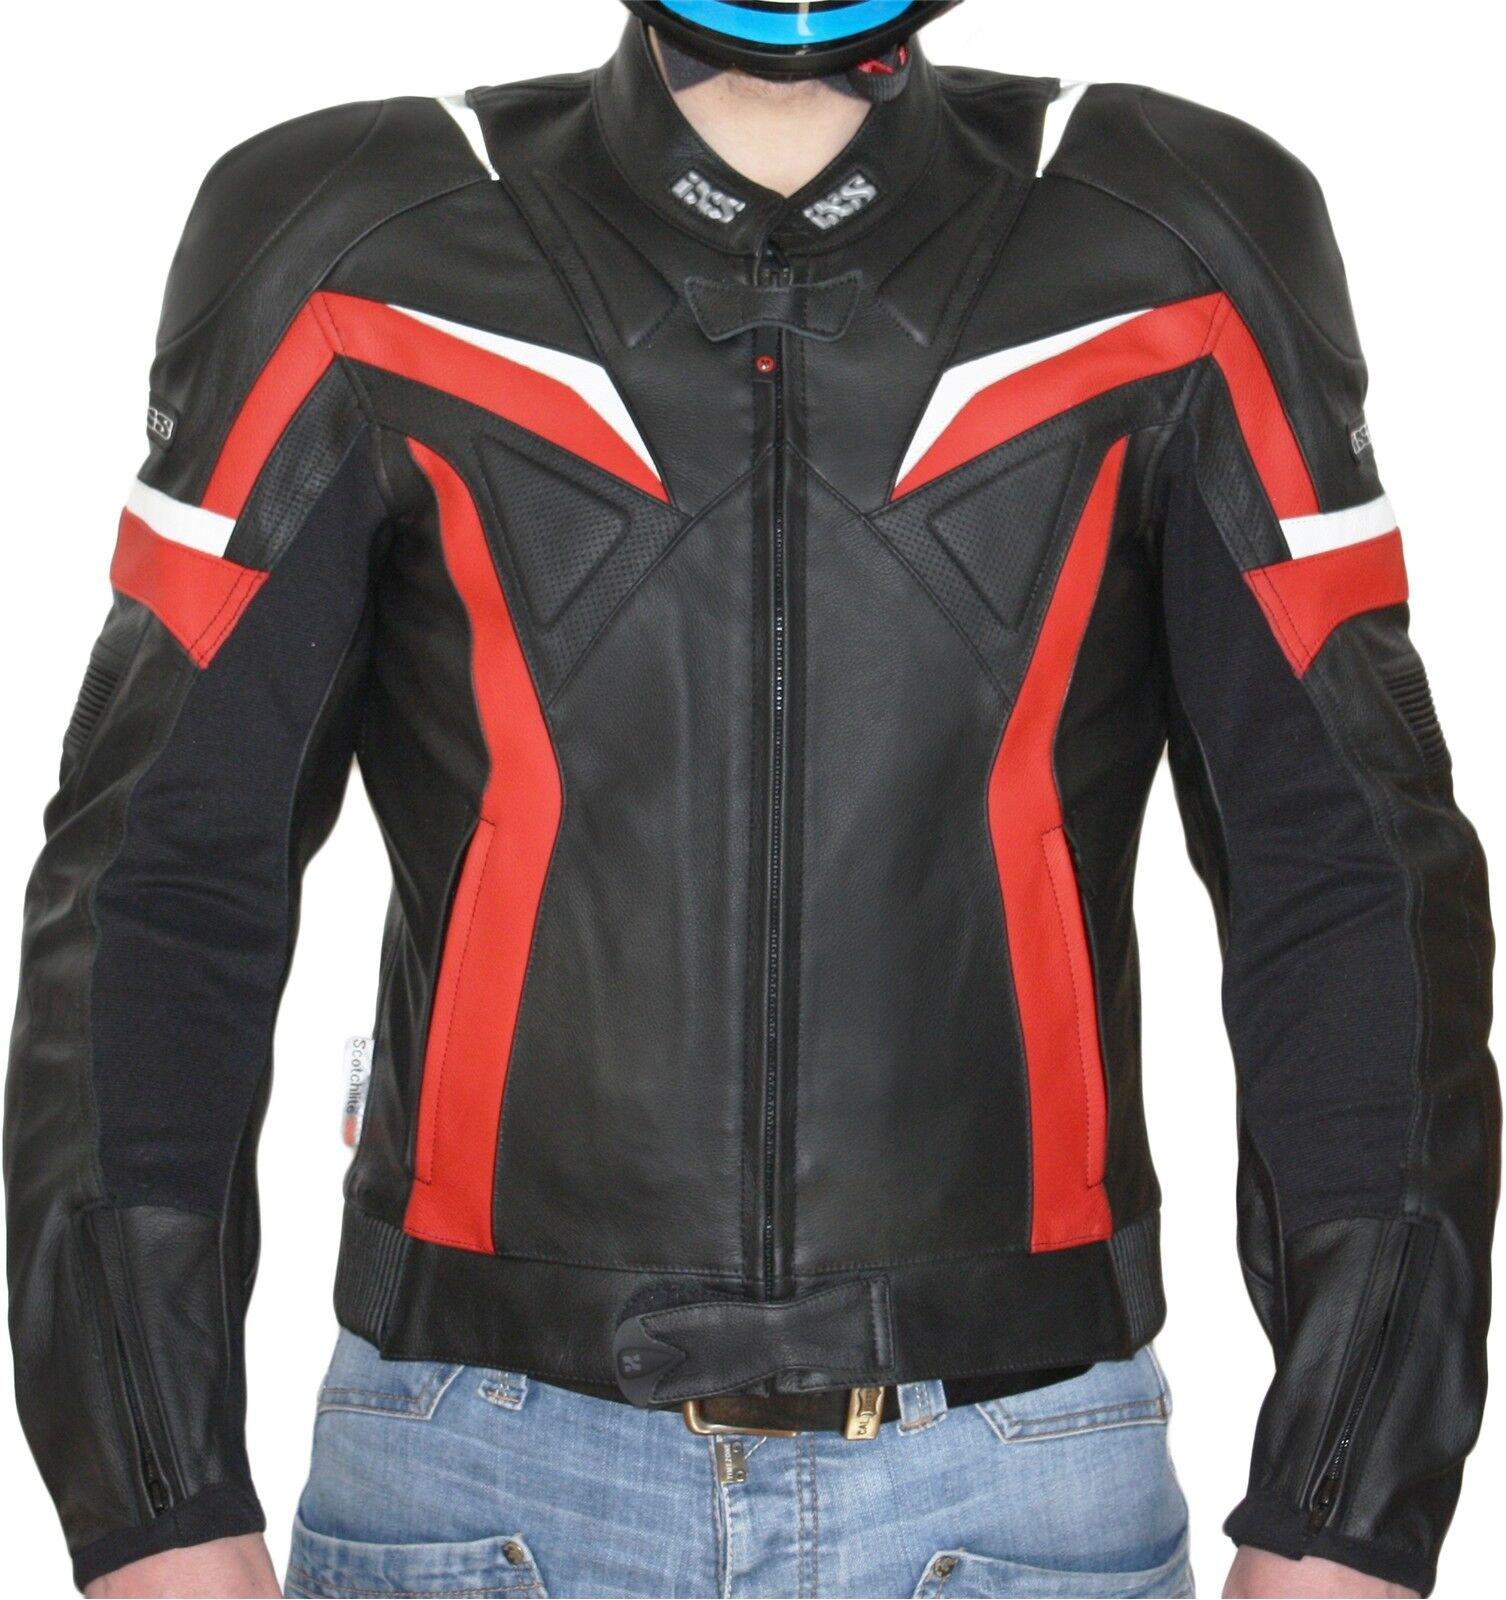 Reducido  IXS RX black red Chaqueta de cuero para hombre SPORT RACING  considerate service